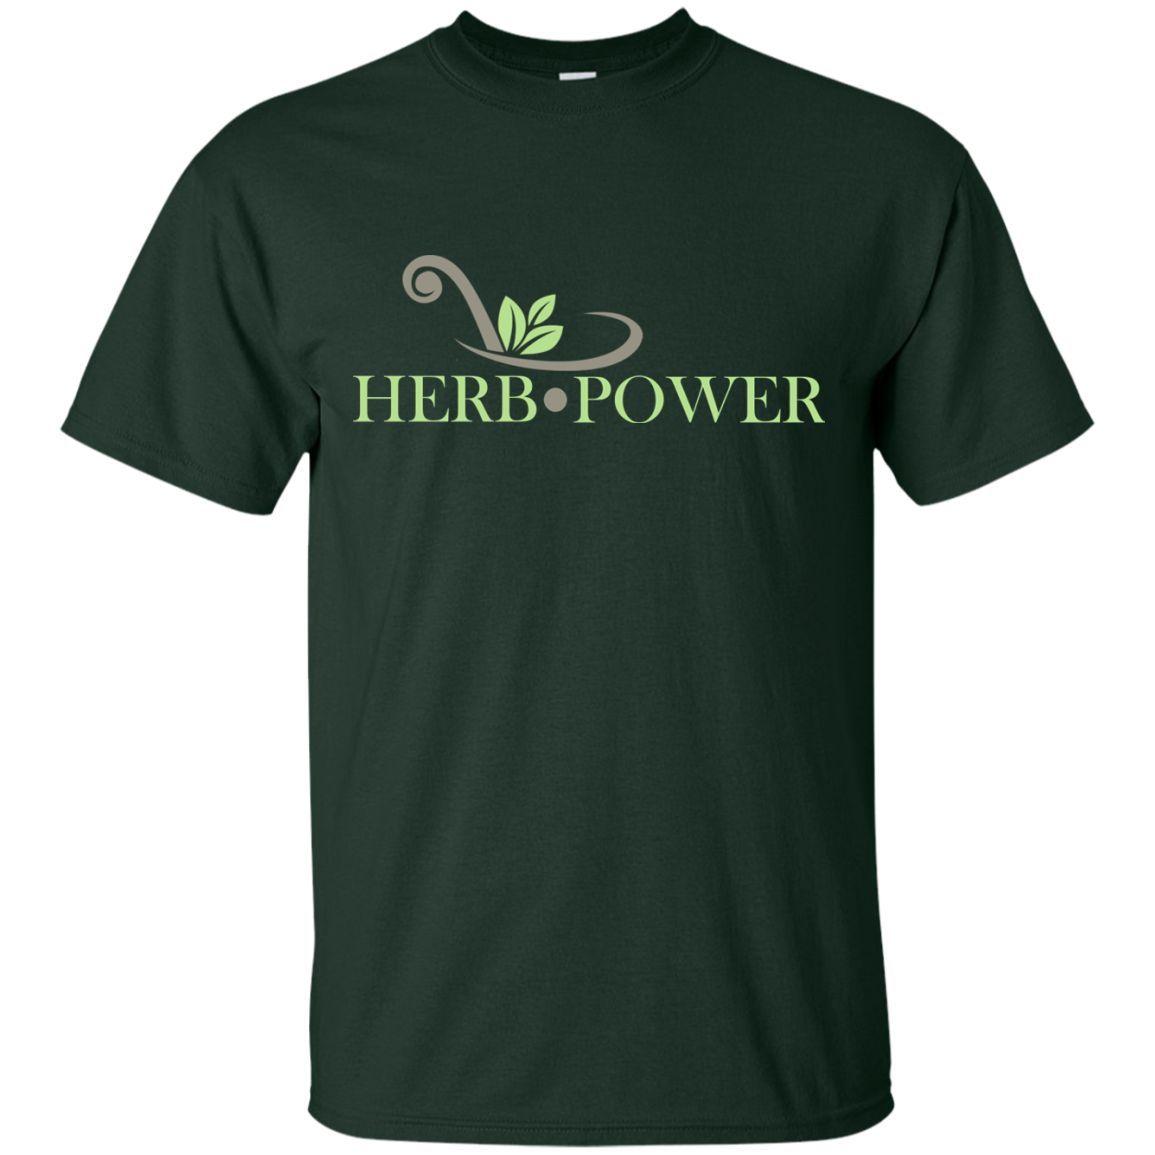 Herb Power T-Shirt